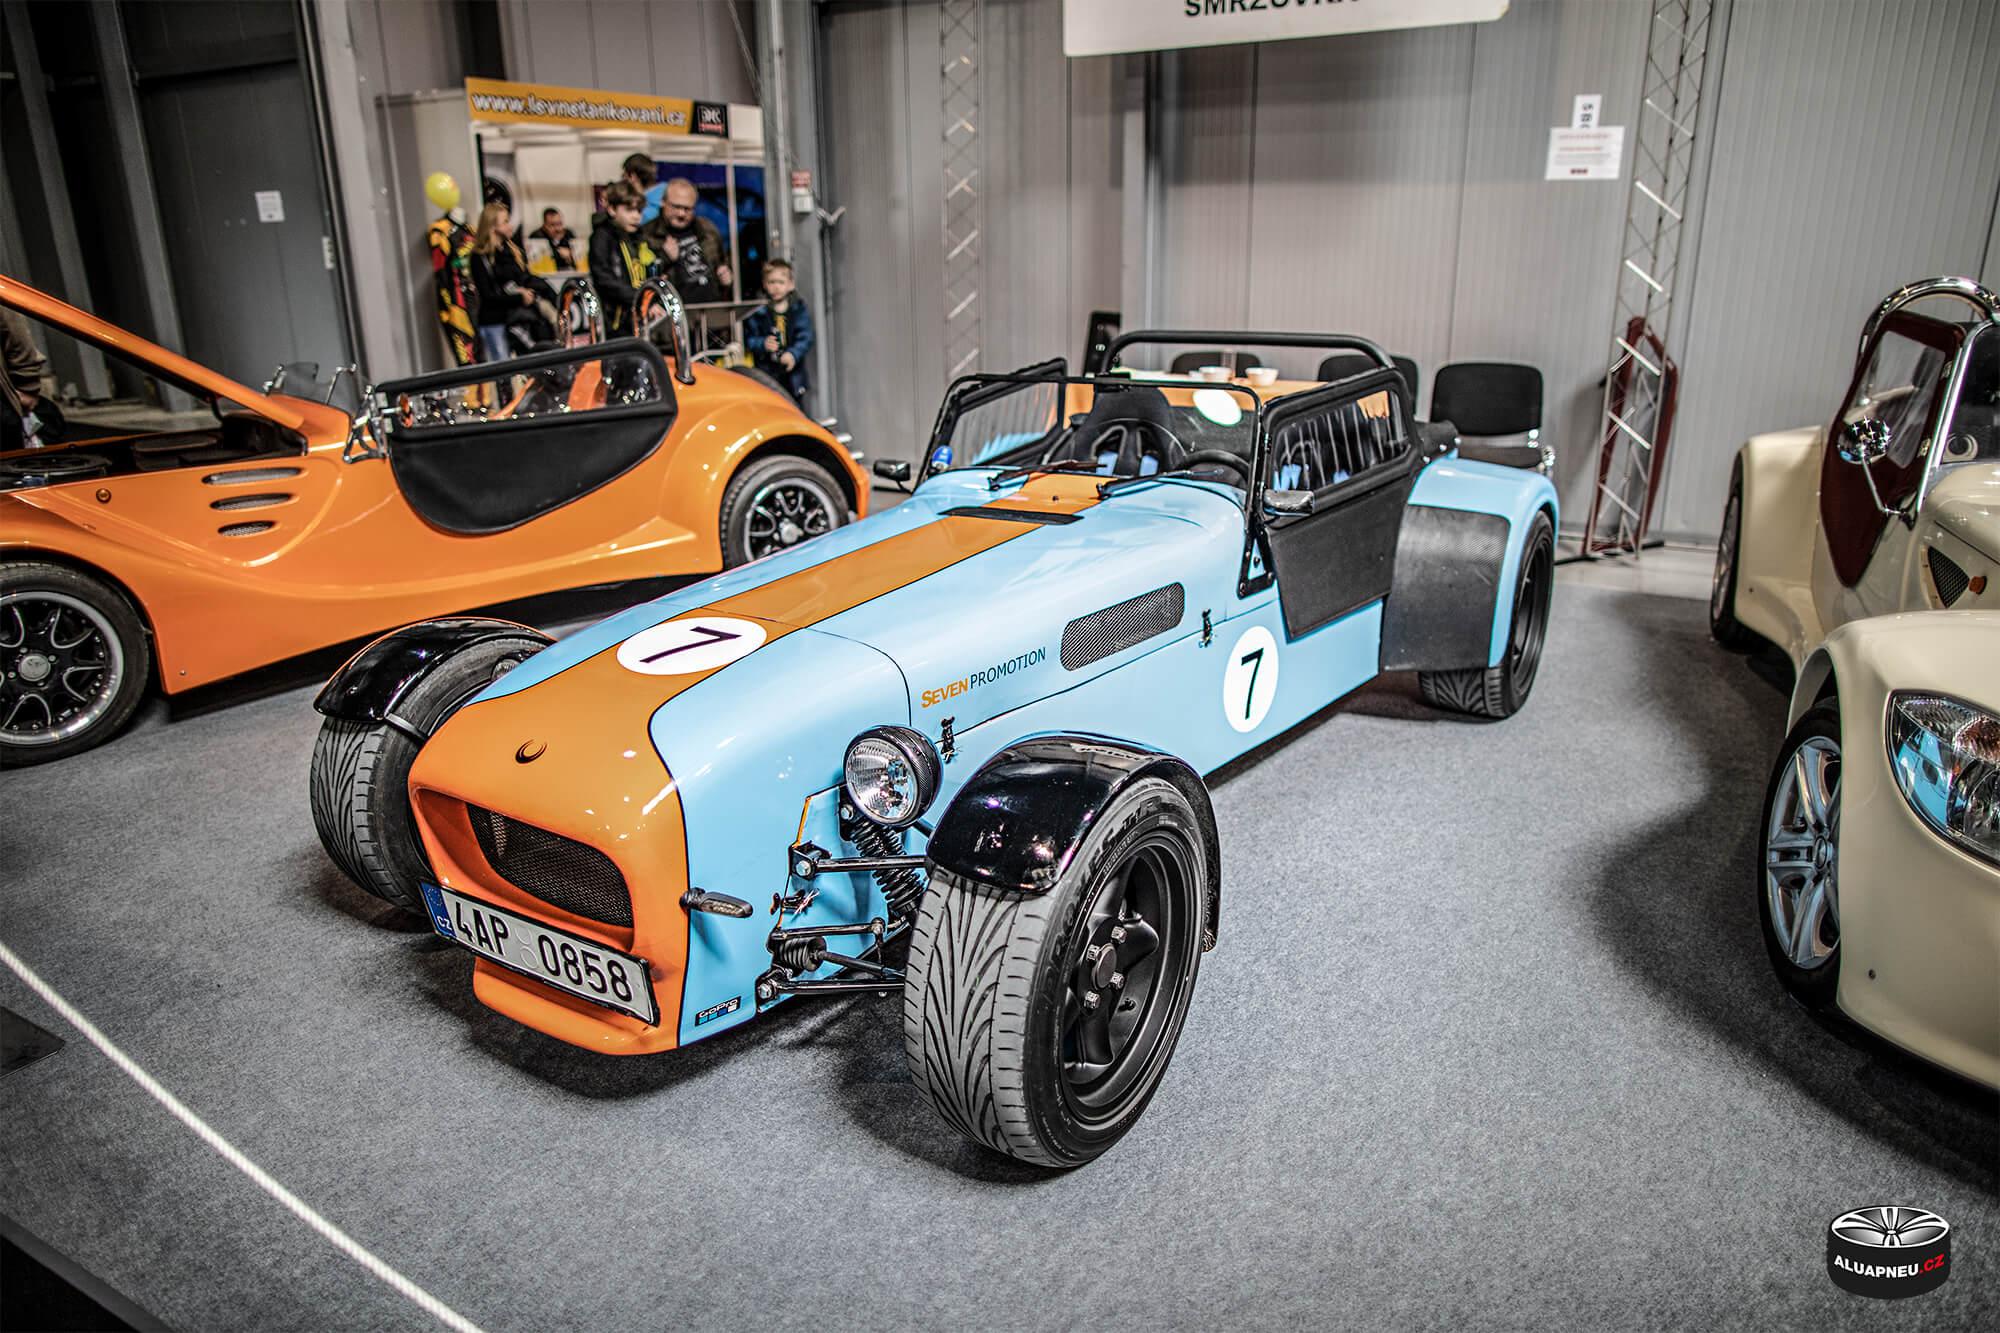 Caterham Seven - Gulf - černá alu kola - Autosalon Praha 2019 - www.aluapneu.cz